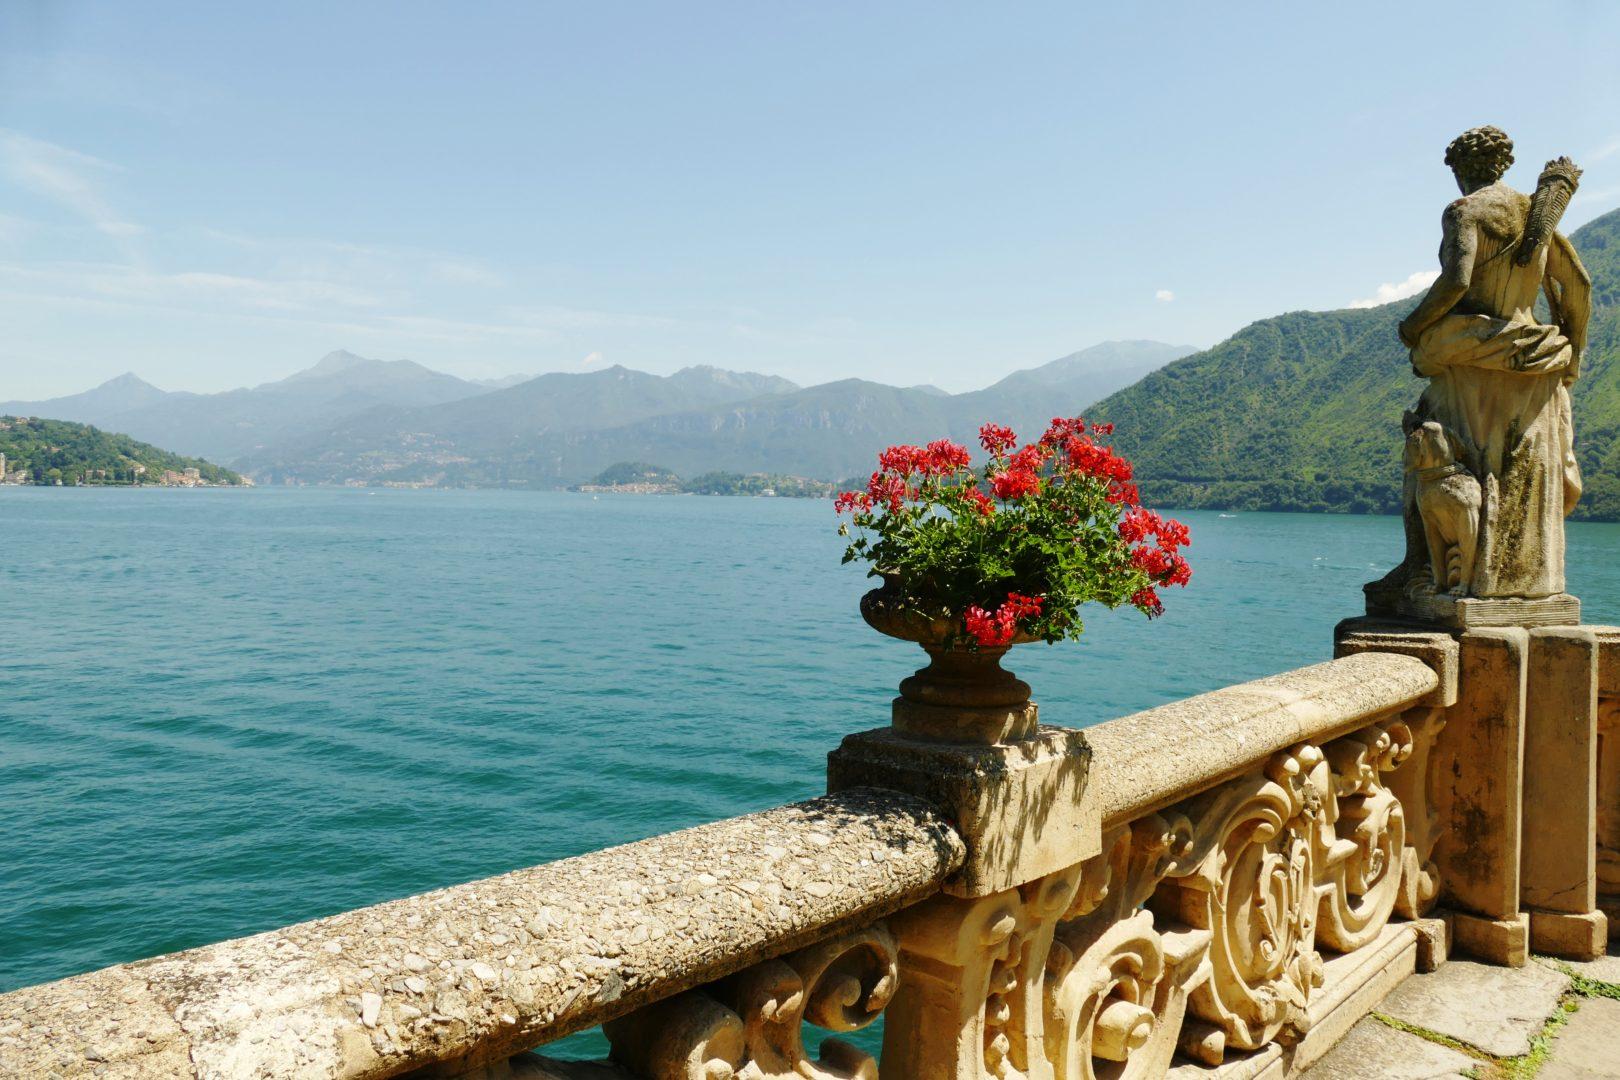 La terrazza panoramica di Villa del Balbianello affacciata sul Lago di Como